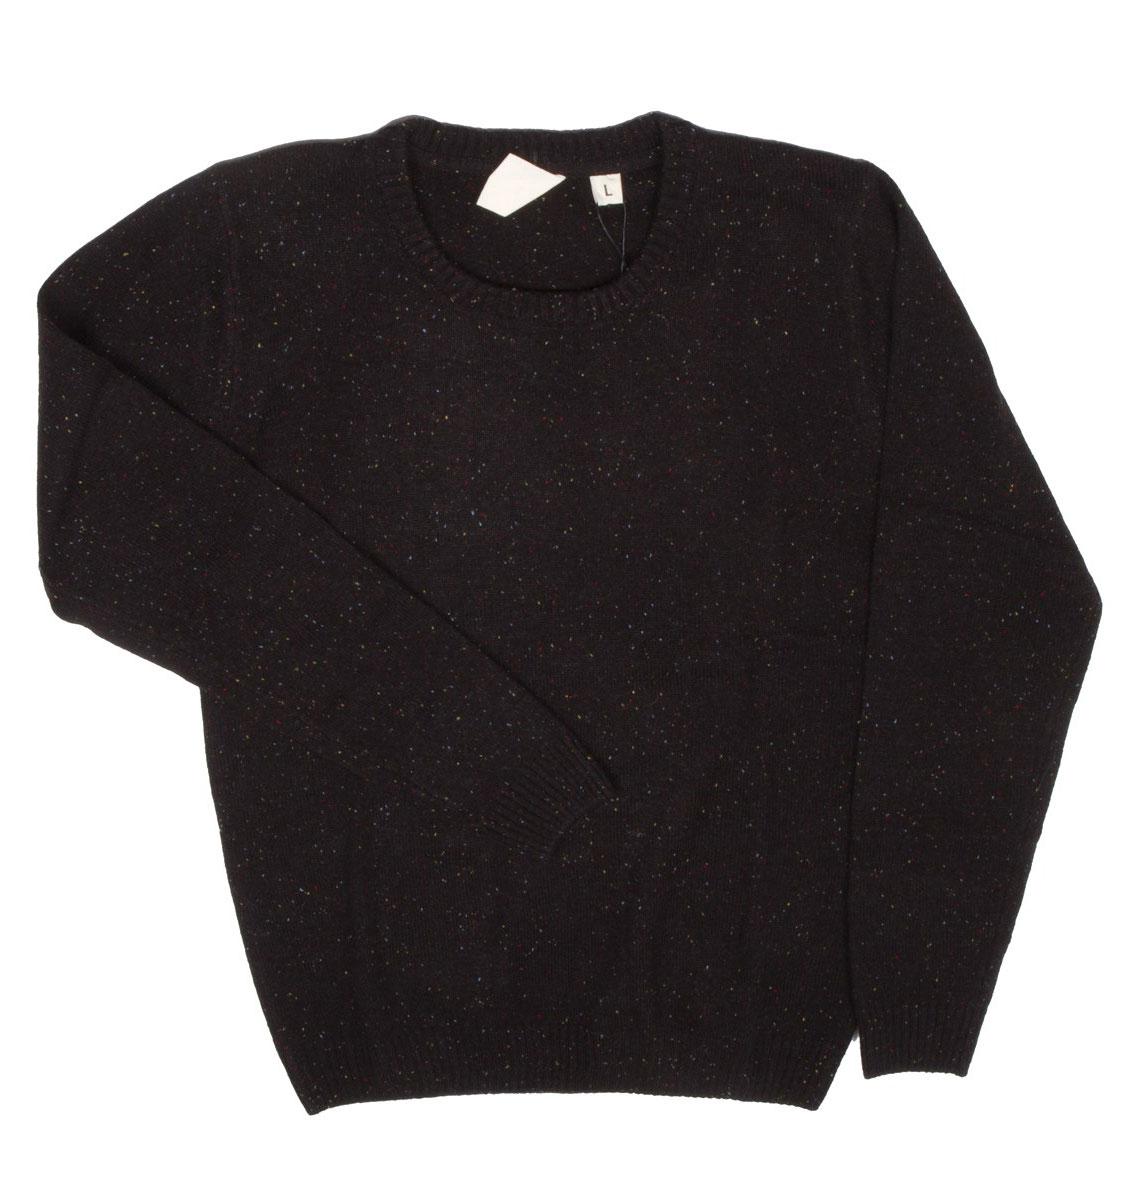 Джемпер мужской. 2-850412-85041 BOTTLE GREENТеплый вязаный джемпер Shine необычайно мягкий и приятный на ощупь, изготовлен из акрила с добавлением овечьей шерсти. Джемпер прямого кроя с длинными рукавами и круглым воротником идеально гармонирует с любыми предметами одежды и будет уместен как на отдыхе, так и на работе. Низ и манжеты изделия связаны резинкой. Рукав дополнен логотипом бренда. Такой замечательный джемпер - базовая вещь в гардеробе современного мужчины, желающего выглядеть стильно каждый день!